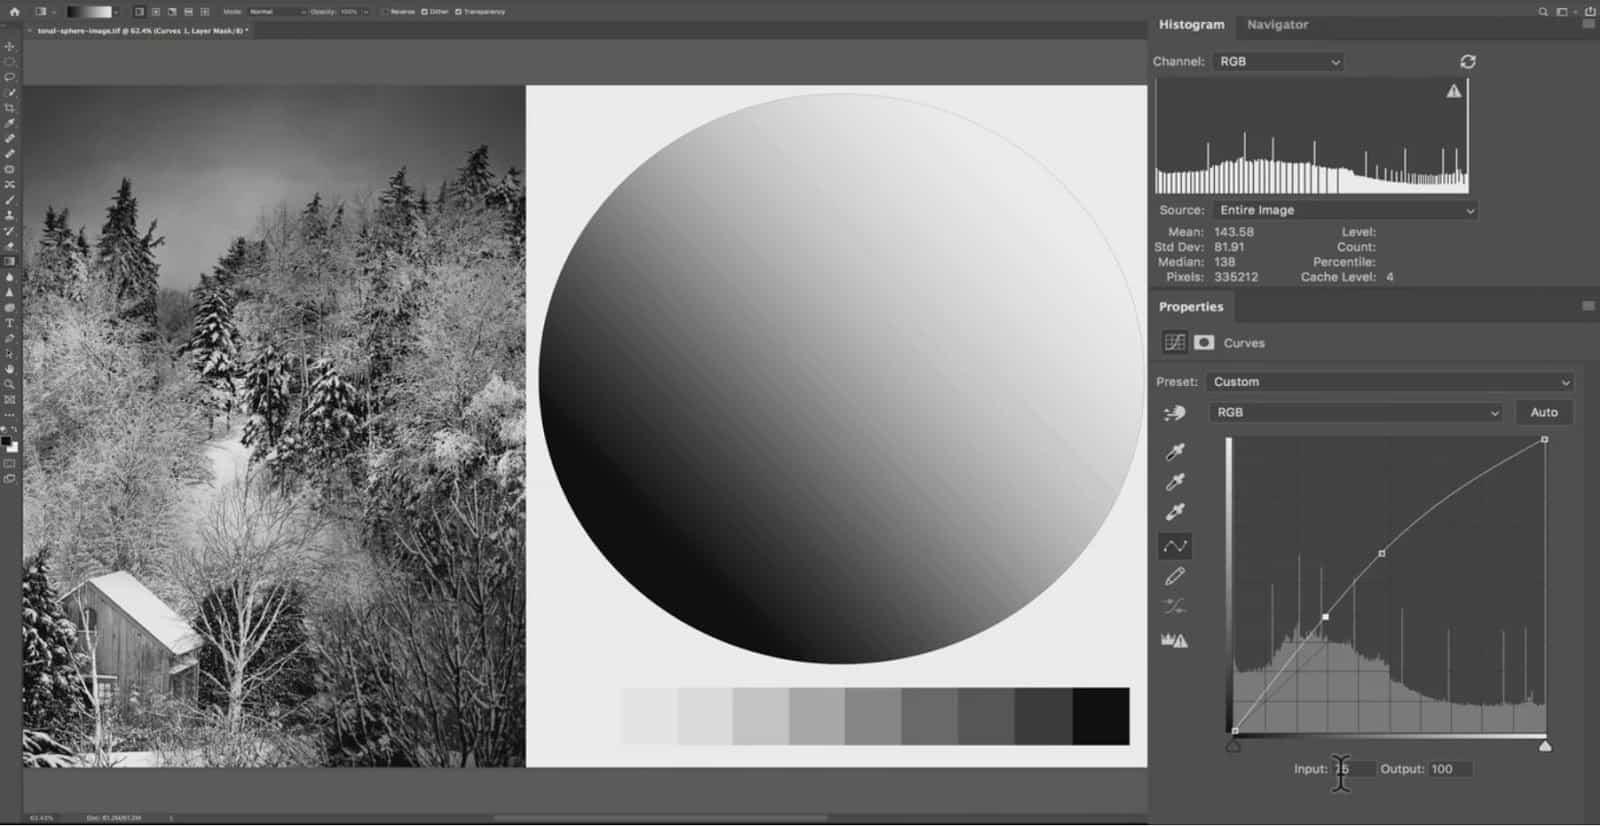 Brightening Pixels by 34 points - CreativeRAW